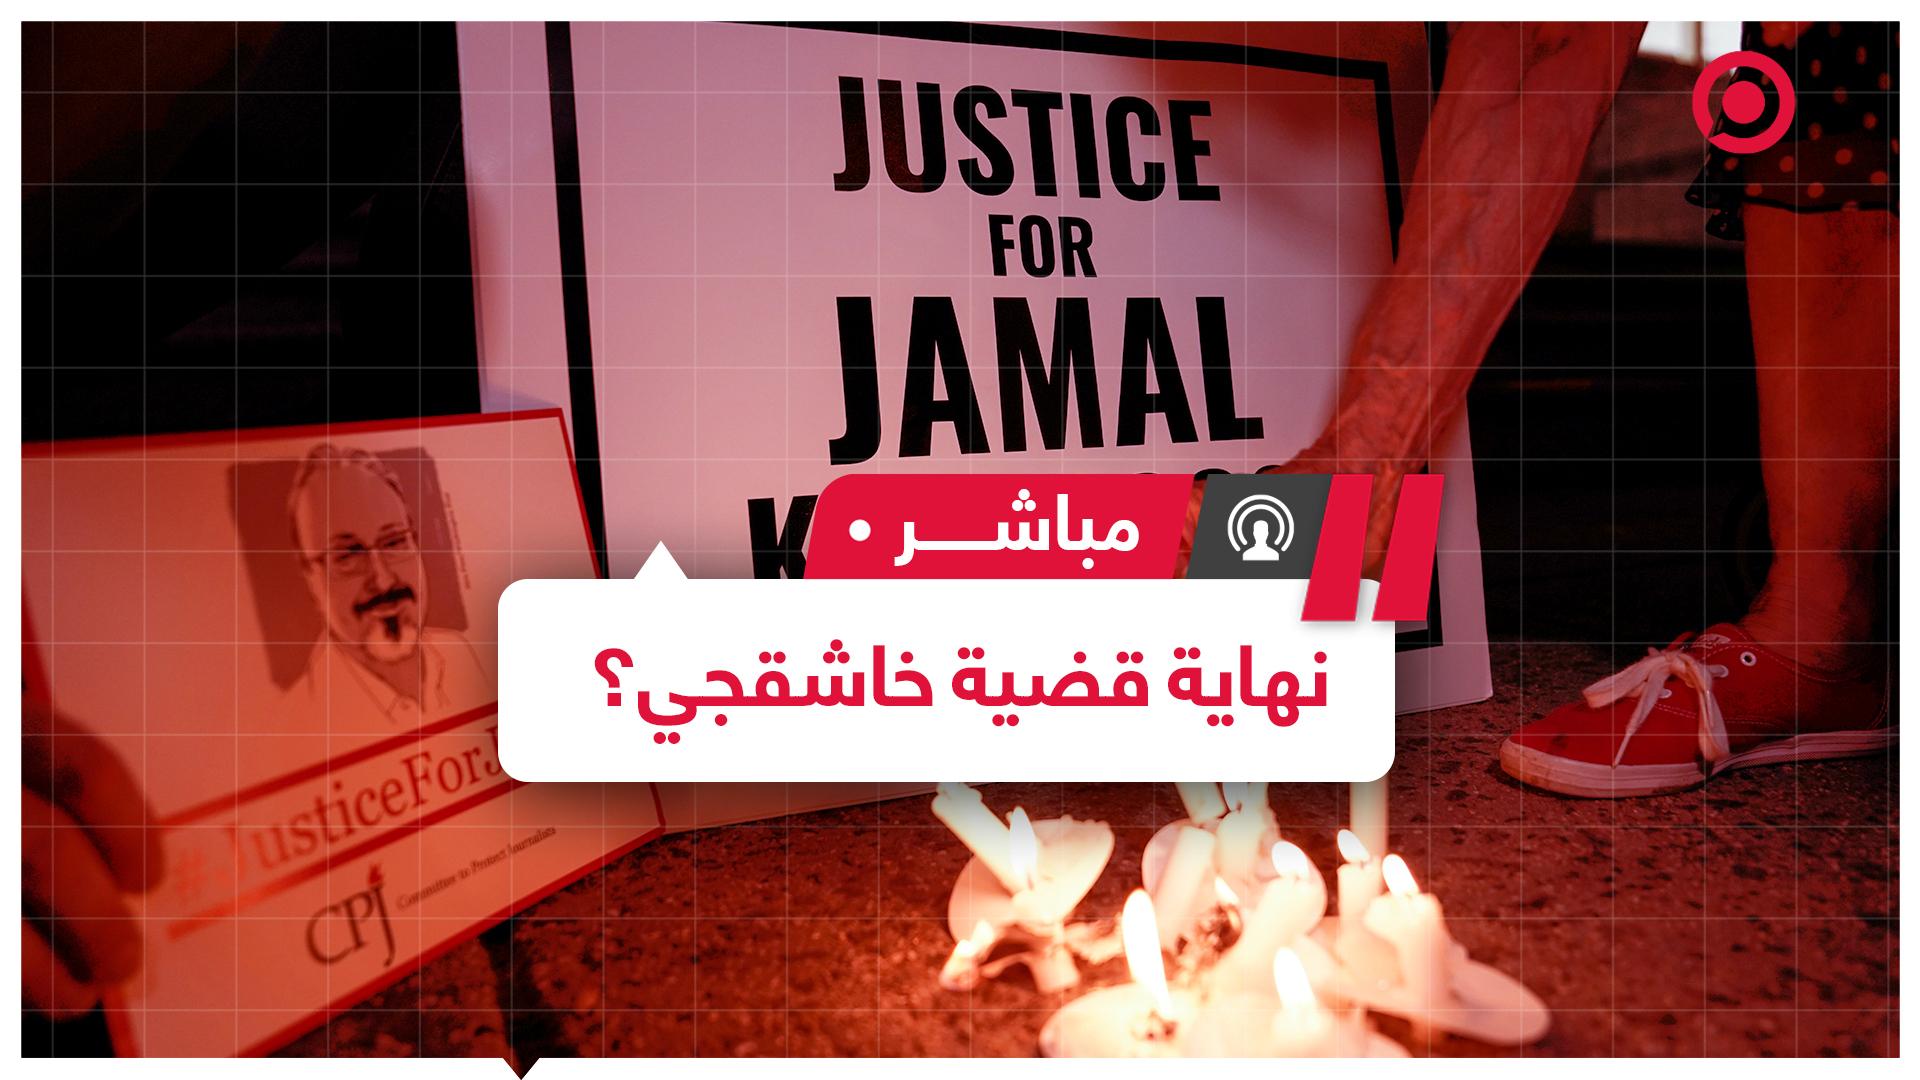 هل أغلق ملف مقتل جمال خاشقجي للأبد بعد صدور أحكام بحق 8 متهمين؟